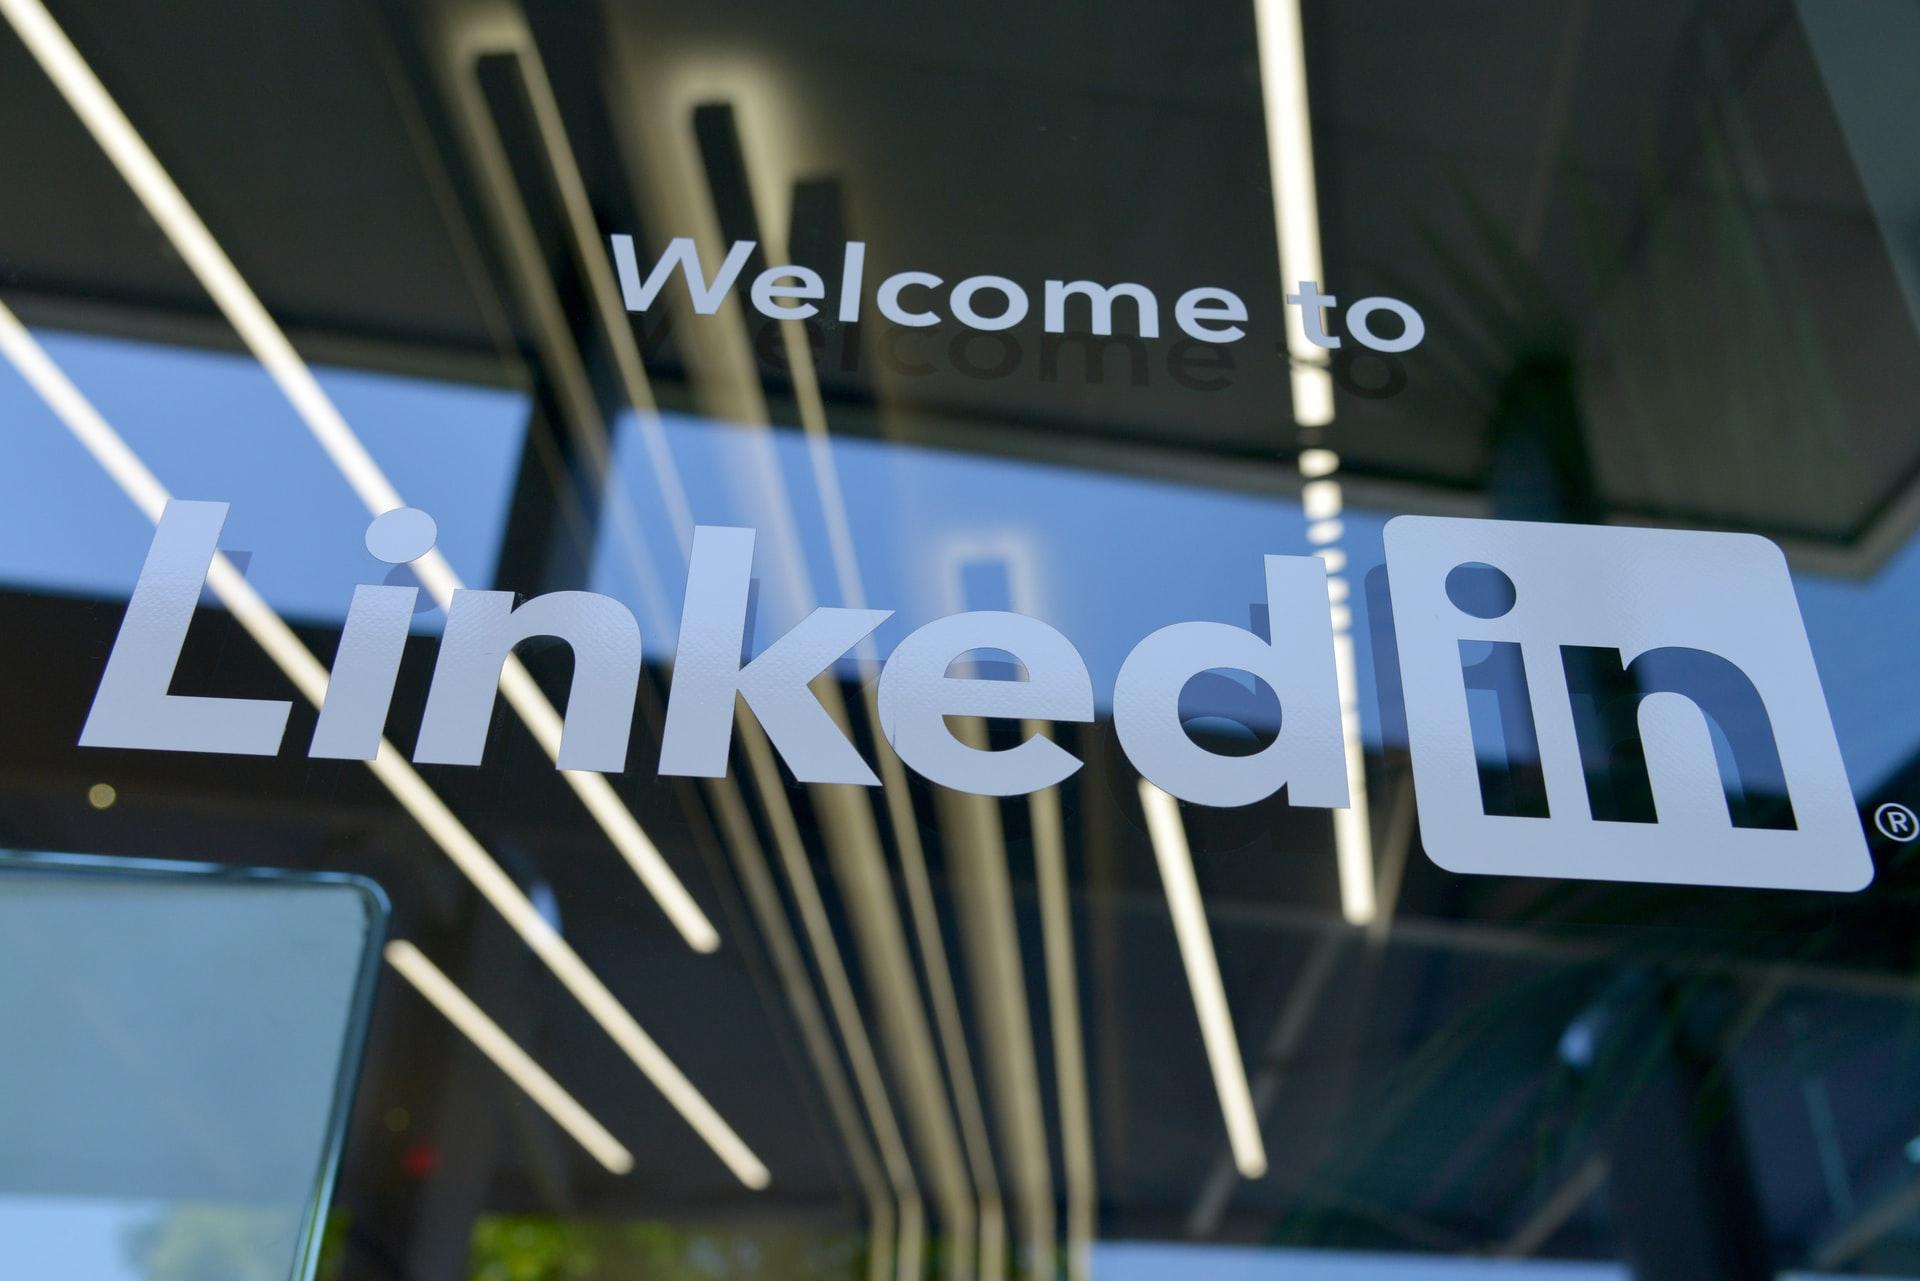 Le devanture d'une filiale de LinkedIn